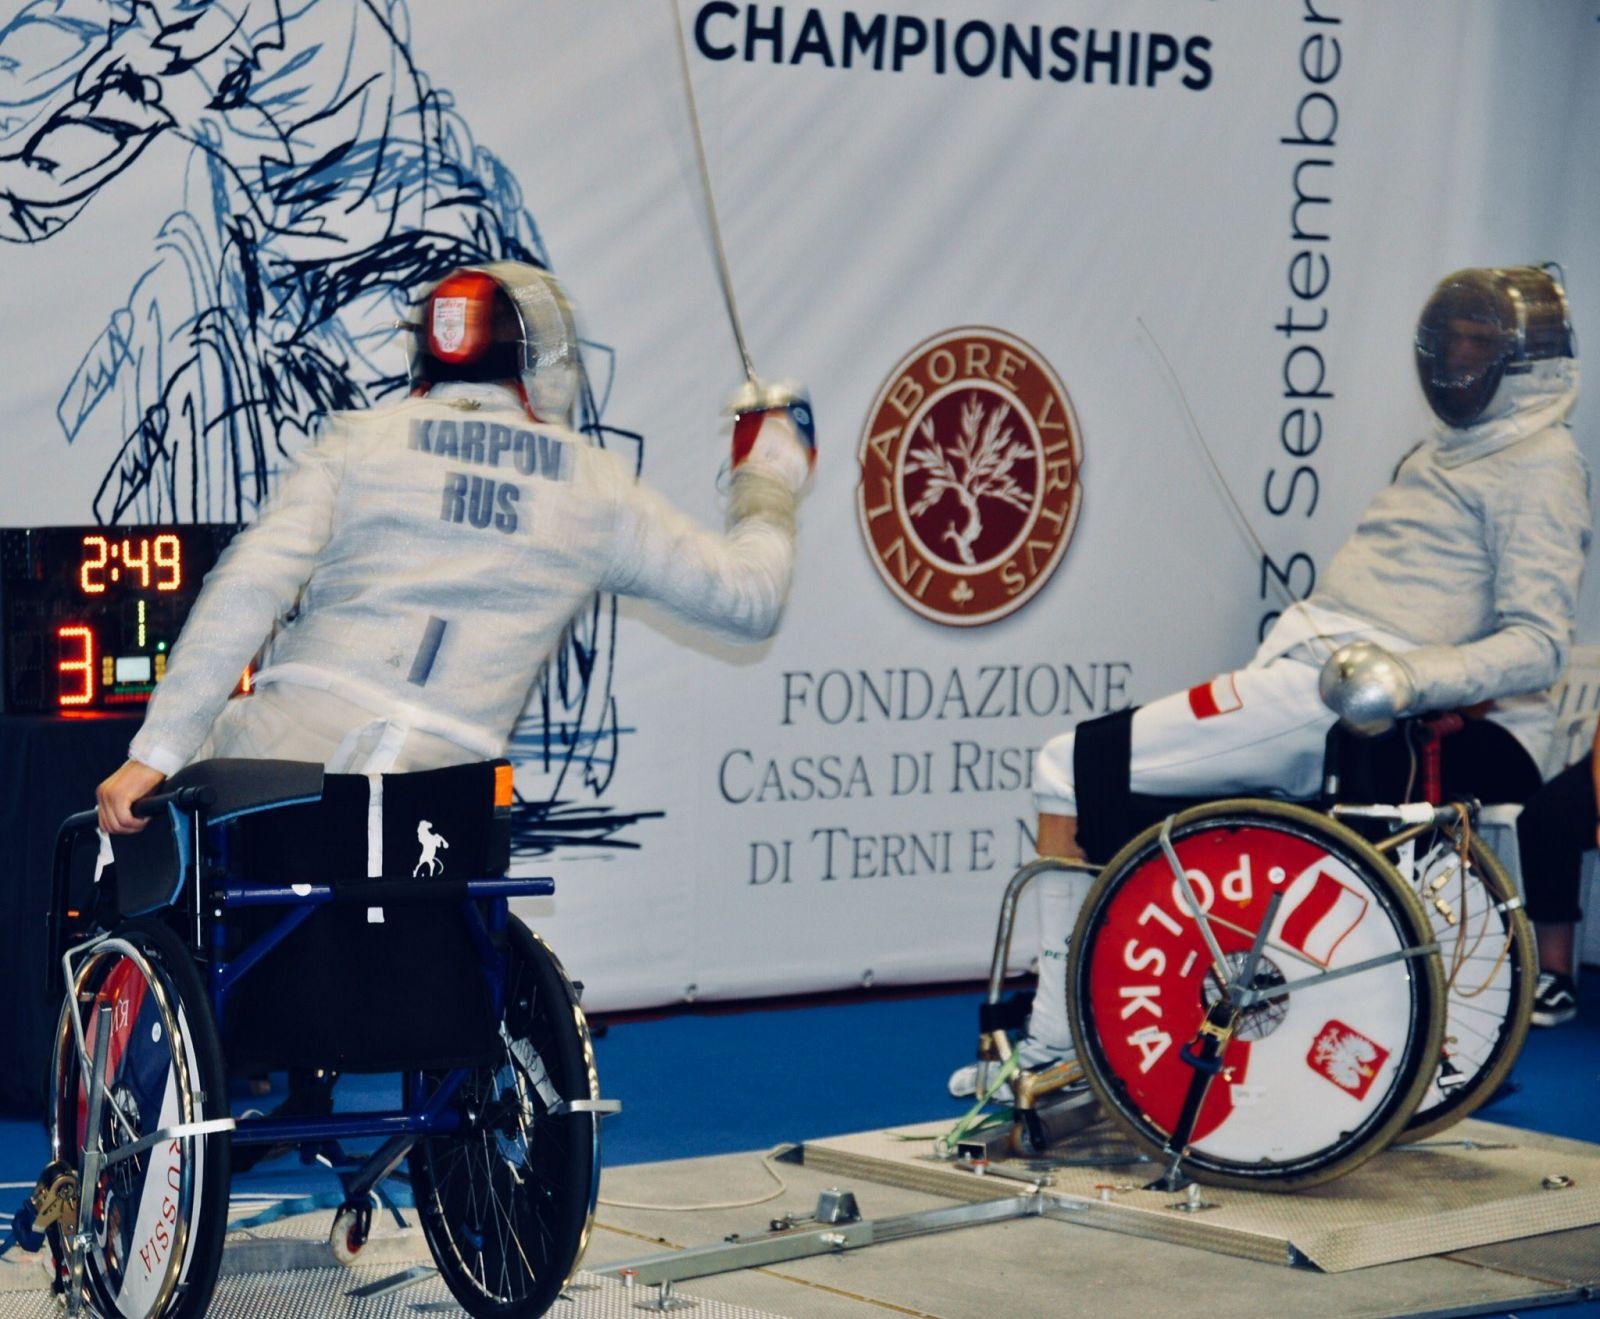 Сборная команда России по фехтованию на колясках завоевала 2 золотые, 2 серебряные и 6 бронзовых медалей по итогам двух дней чемпионата Европы в Италии